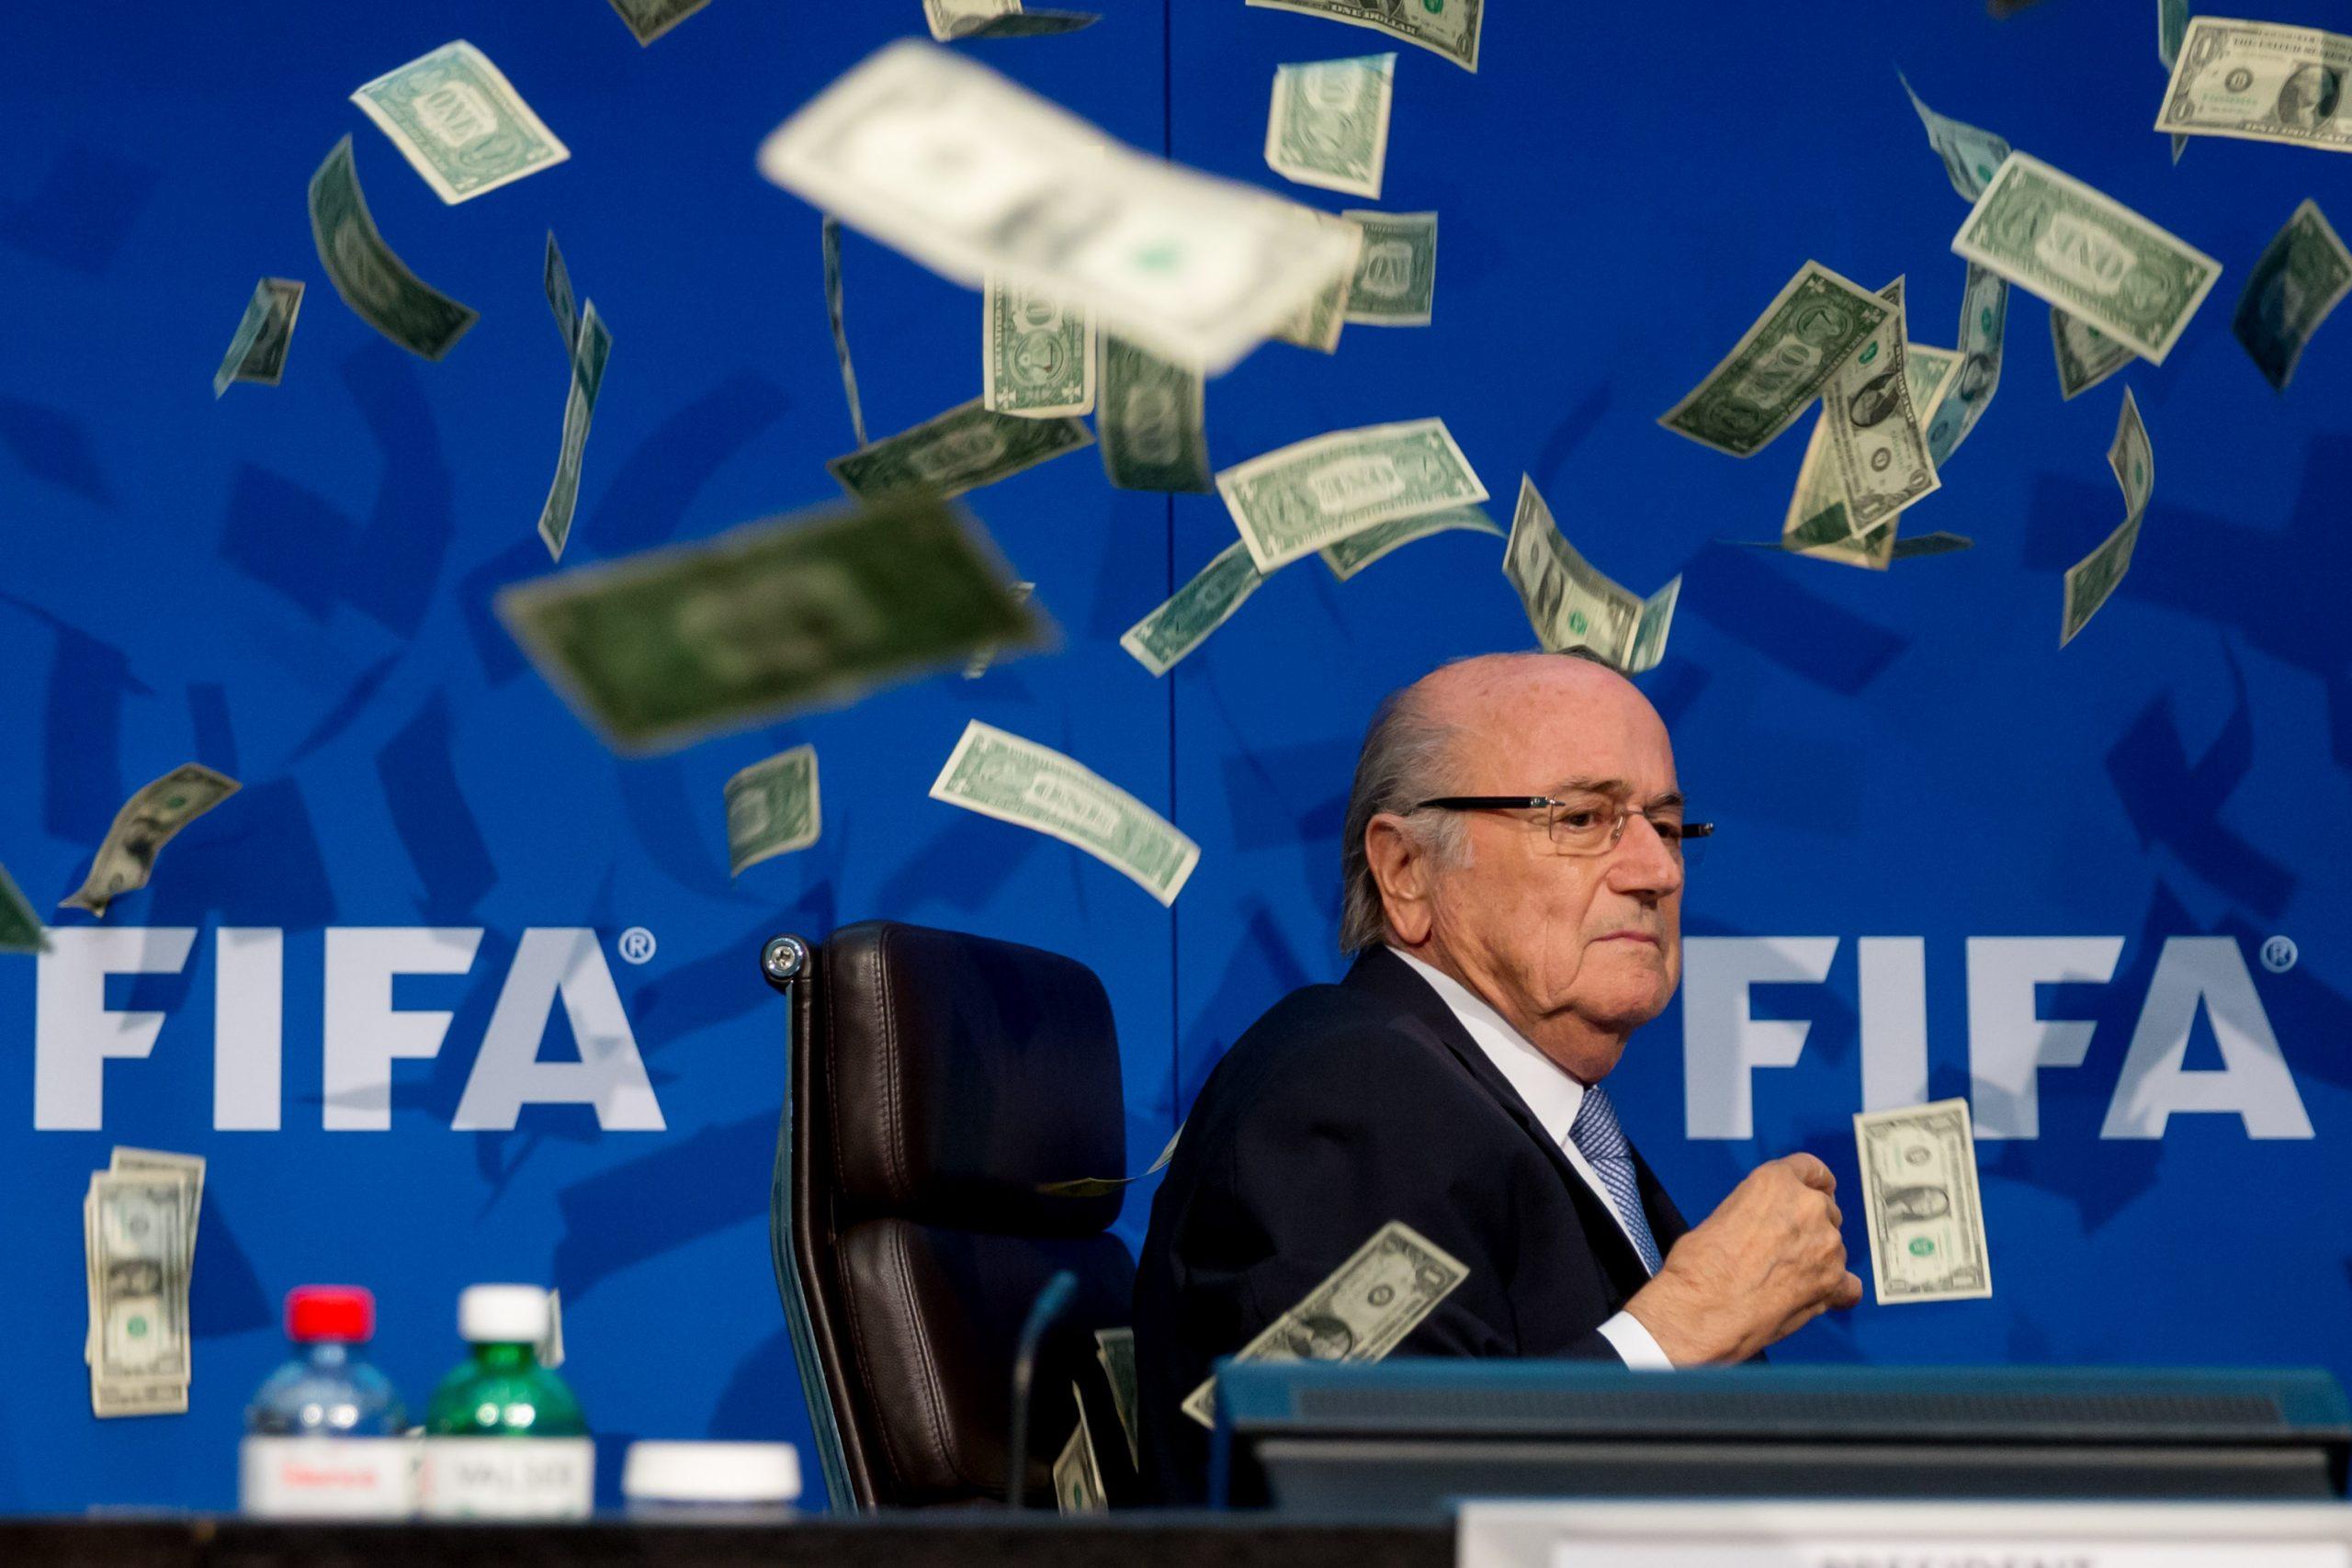 Femexfut es relacionada con el FIFA-Gate en la era Compeán y responde 17 días después